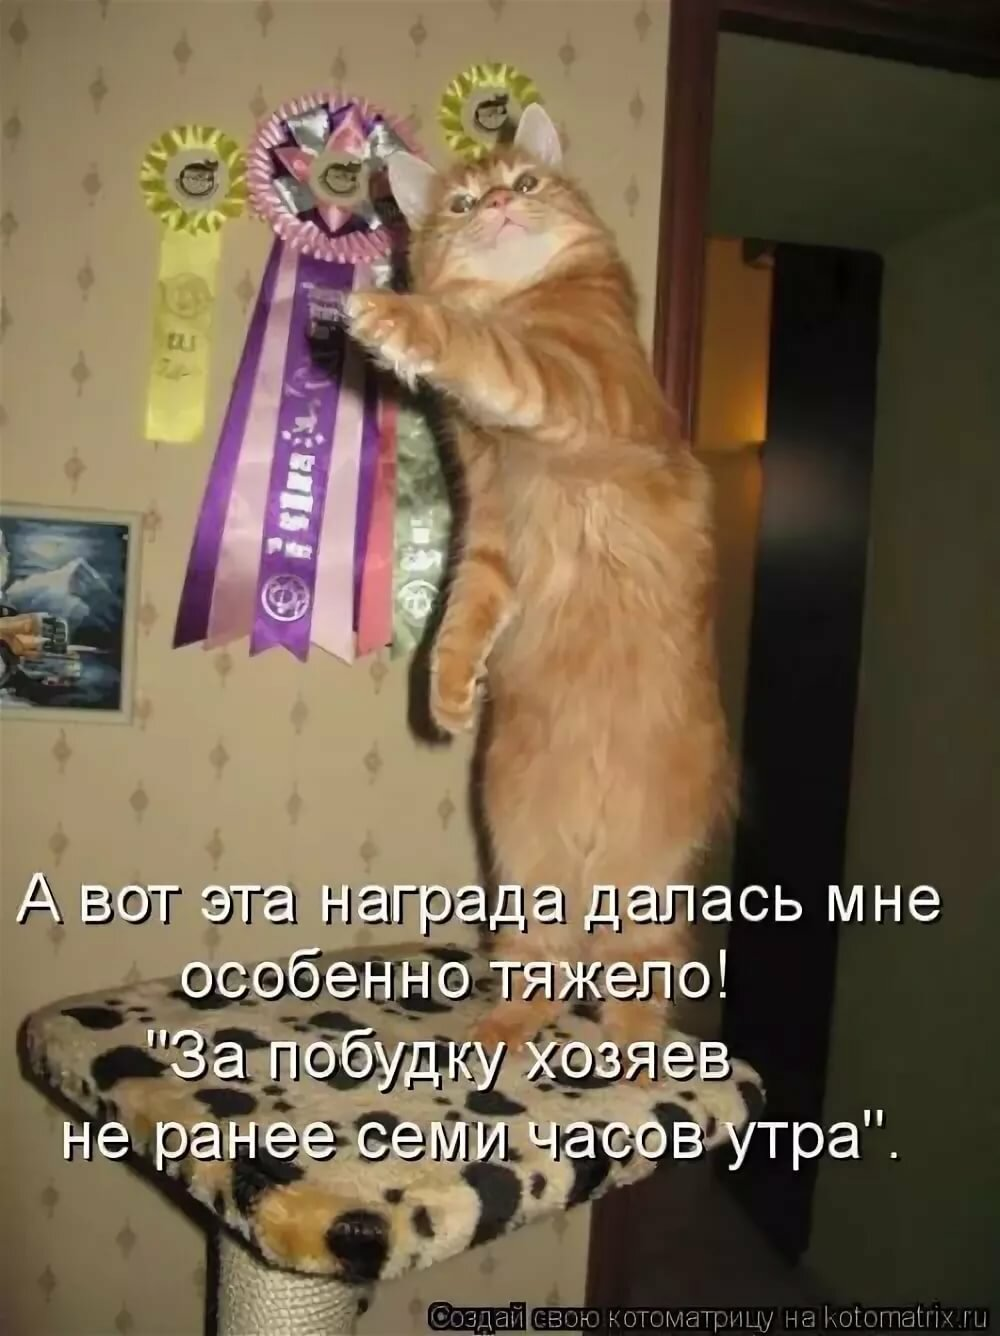 Открытка подруге, картинки с животными со смешными надписями